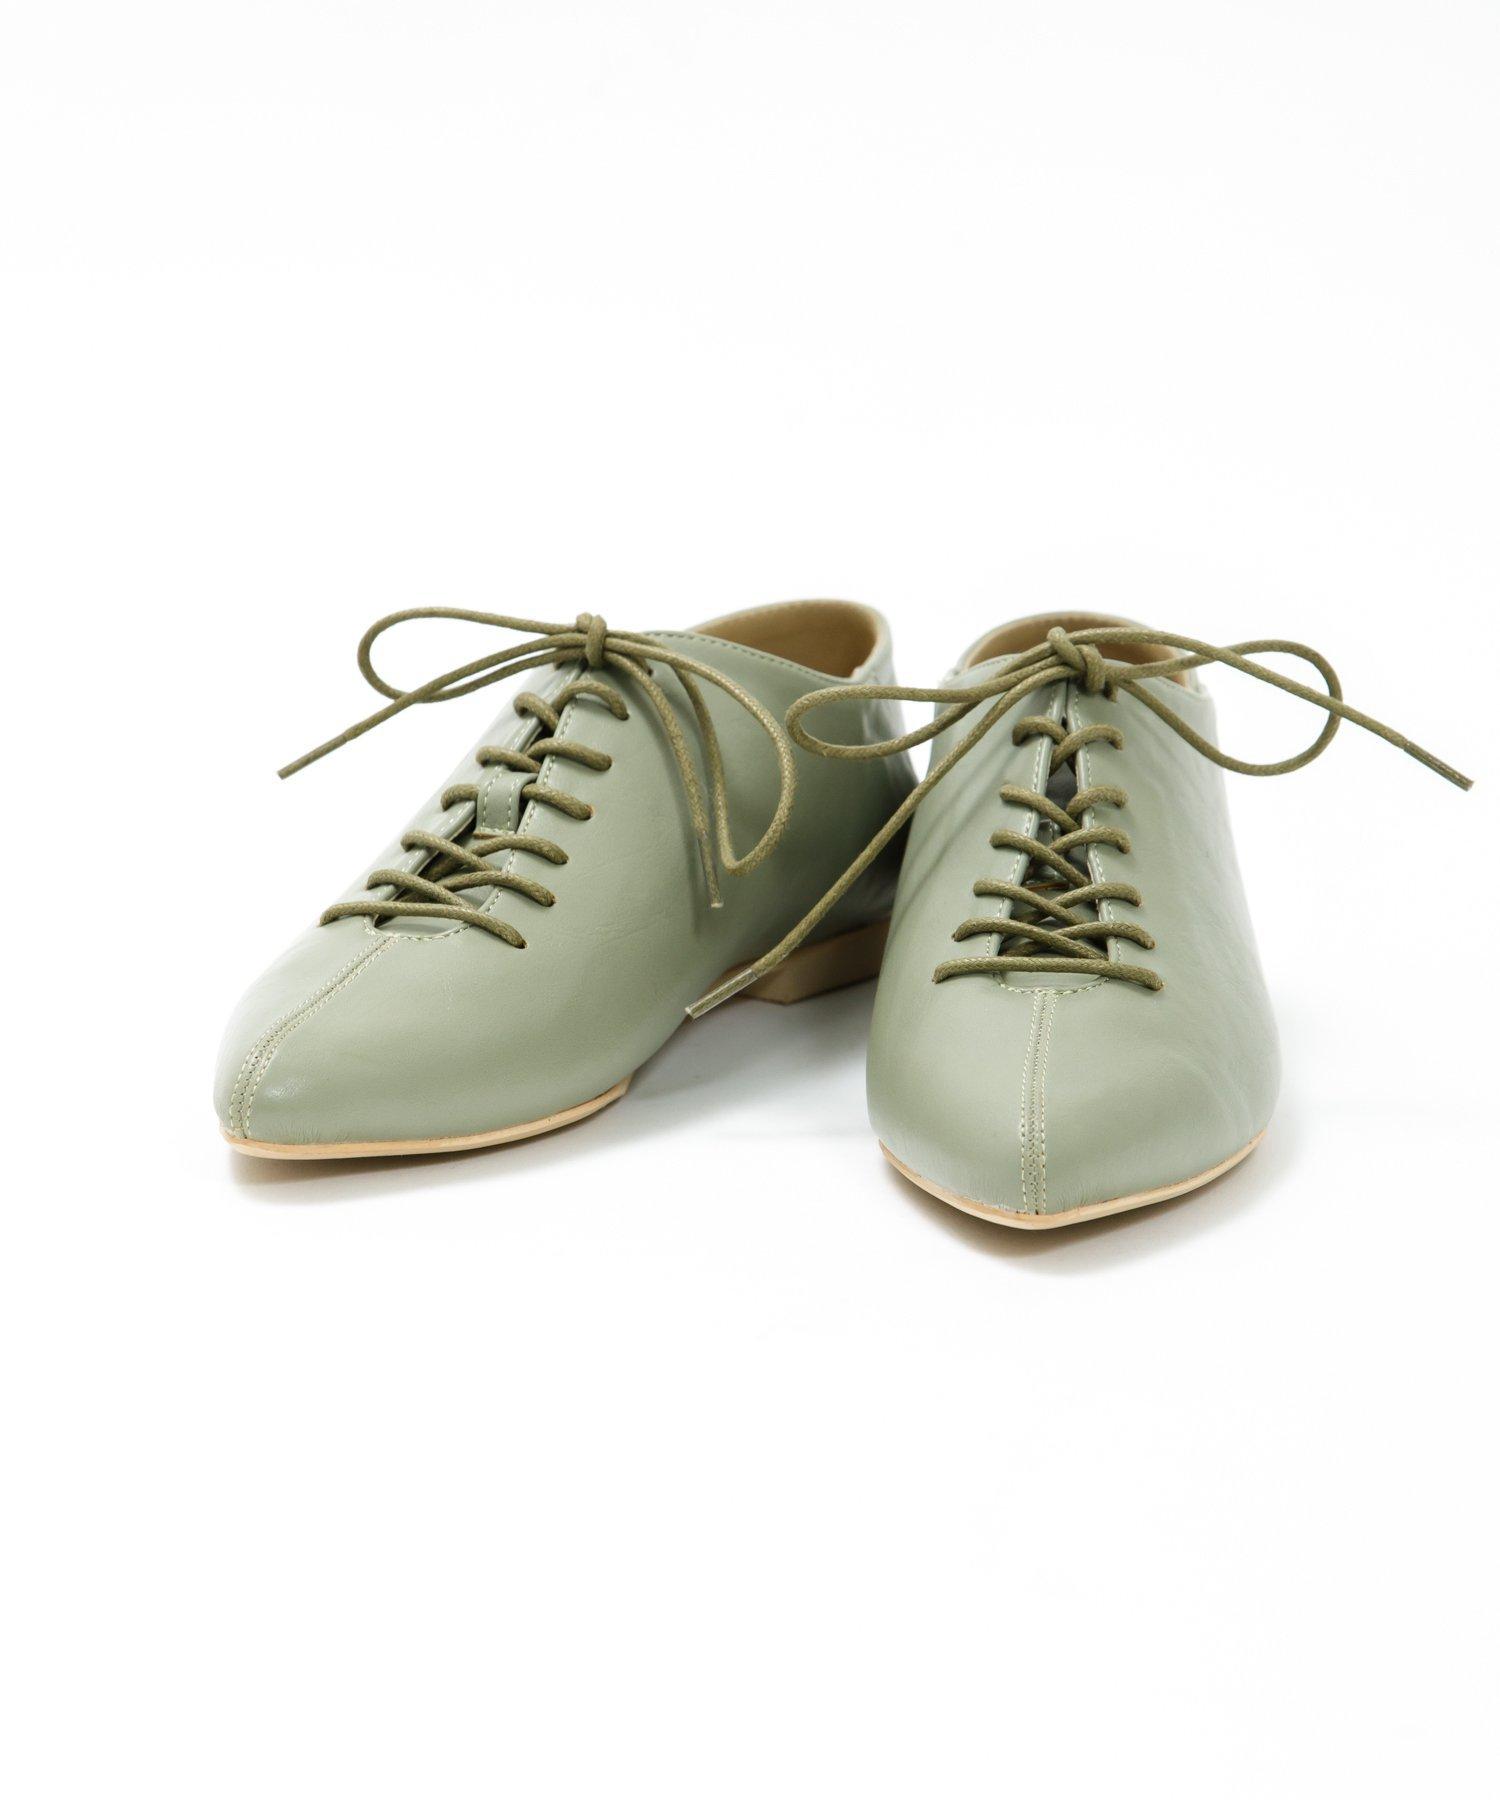 ポインテッドレースUP靴